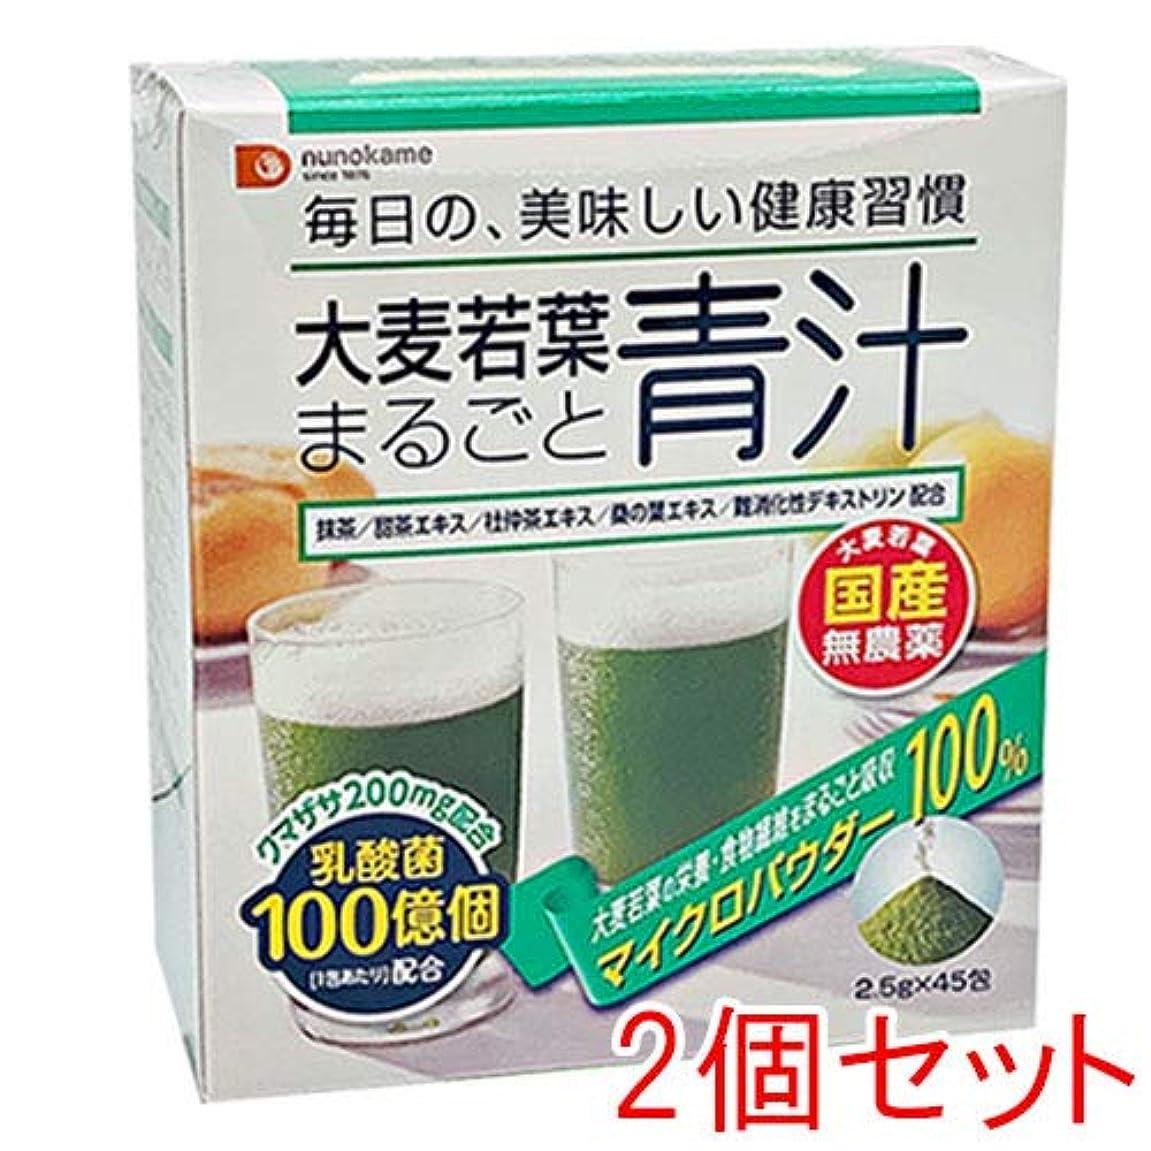 作成する小競り合い船上大麦若葉まるごと青汁【2個セット】 2.5g×45包×2